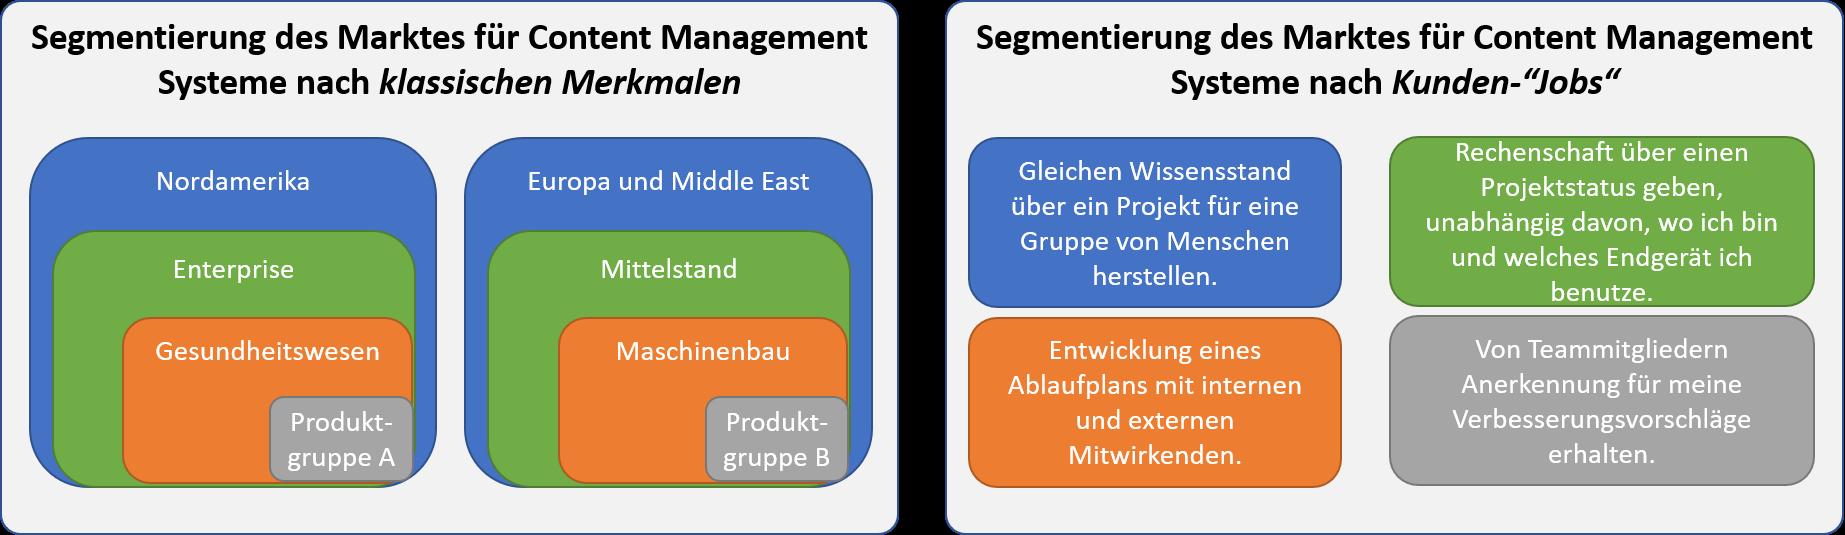 Segmentierung nach klassischen Merkmalen vs. nach Jobs